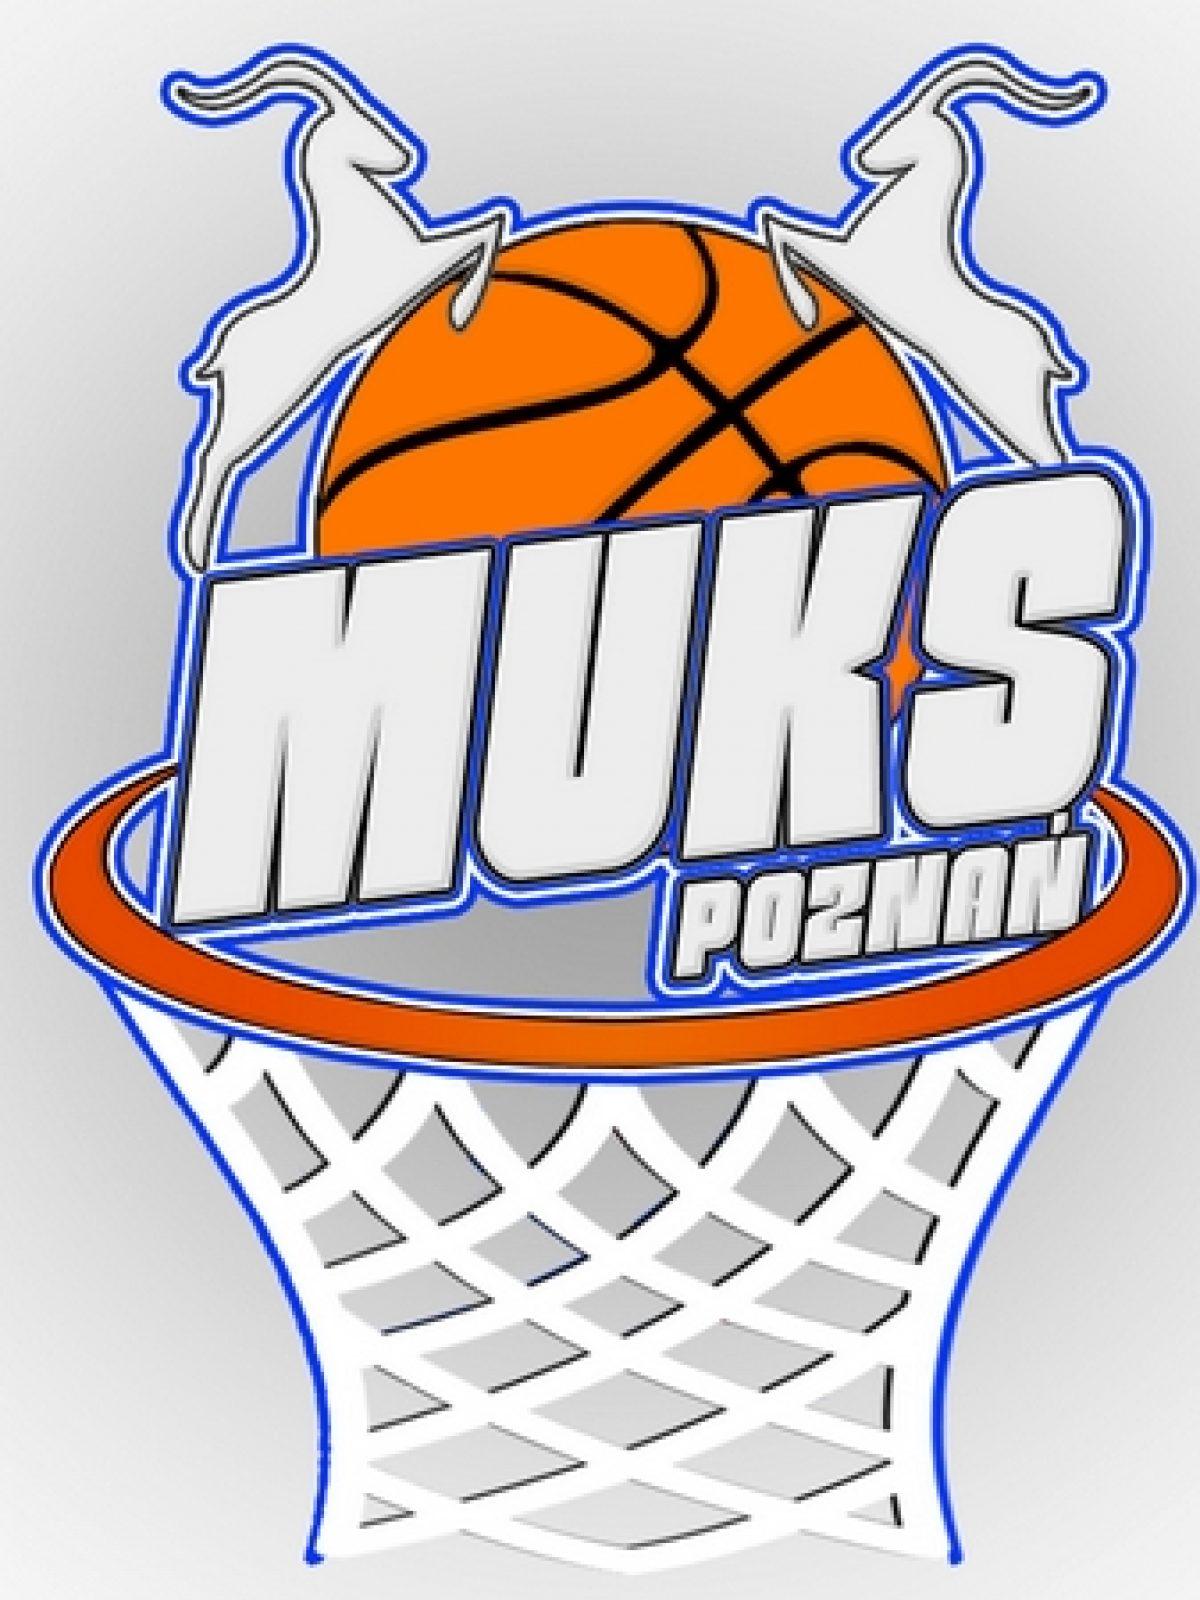 Logo Muks Kórnik